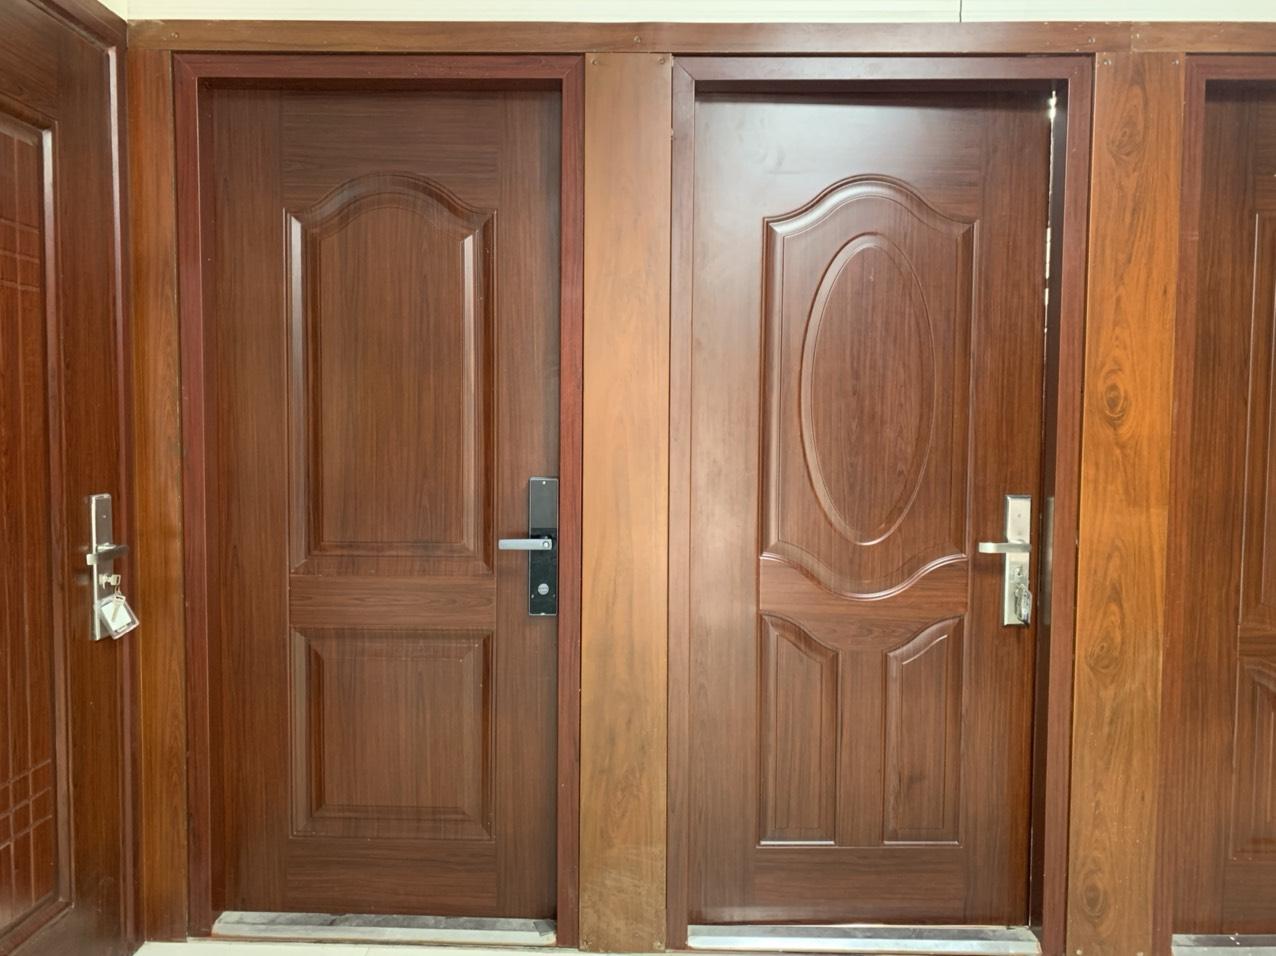 Báo giá cửa thép vân gỗ Nam Định cho nhà ở và chung cư